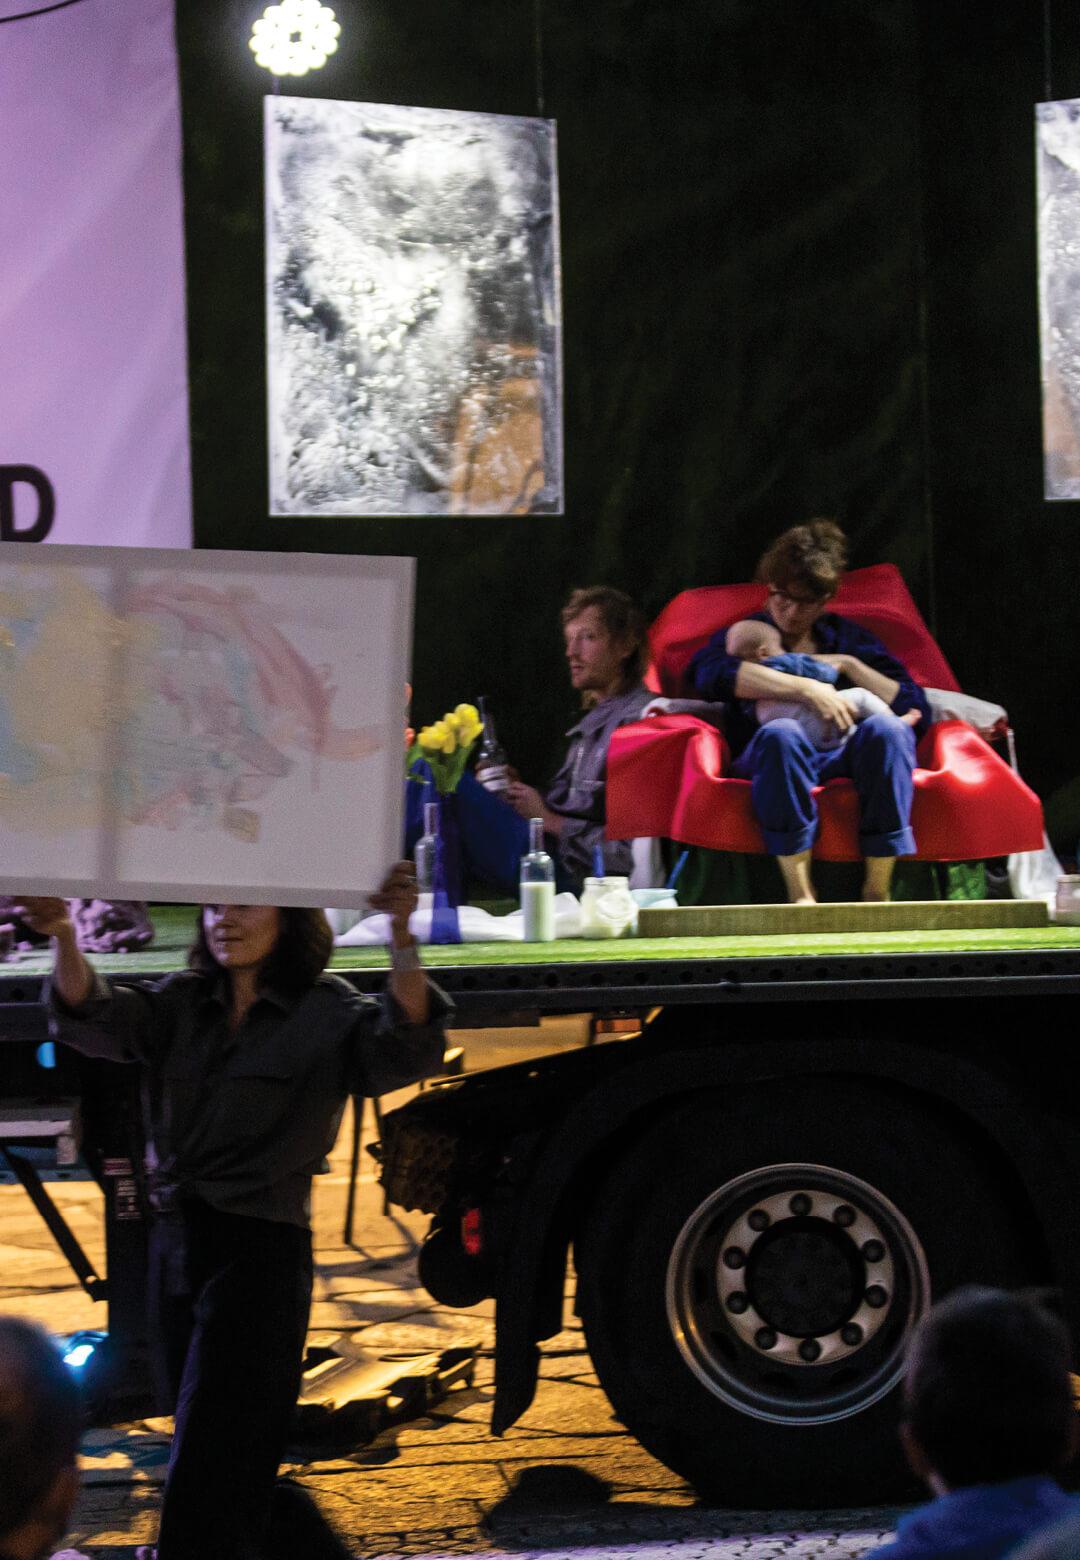 Margareth Kaserer's performance piece, 'Mutter Milch Kunst' (Mother Milk Art) had her seated on stage breastfeeding her newborn | STIRworld